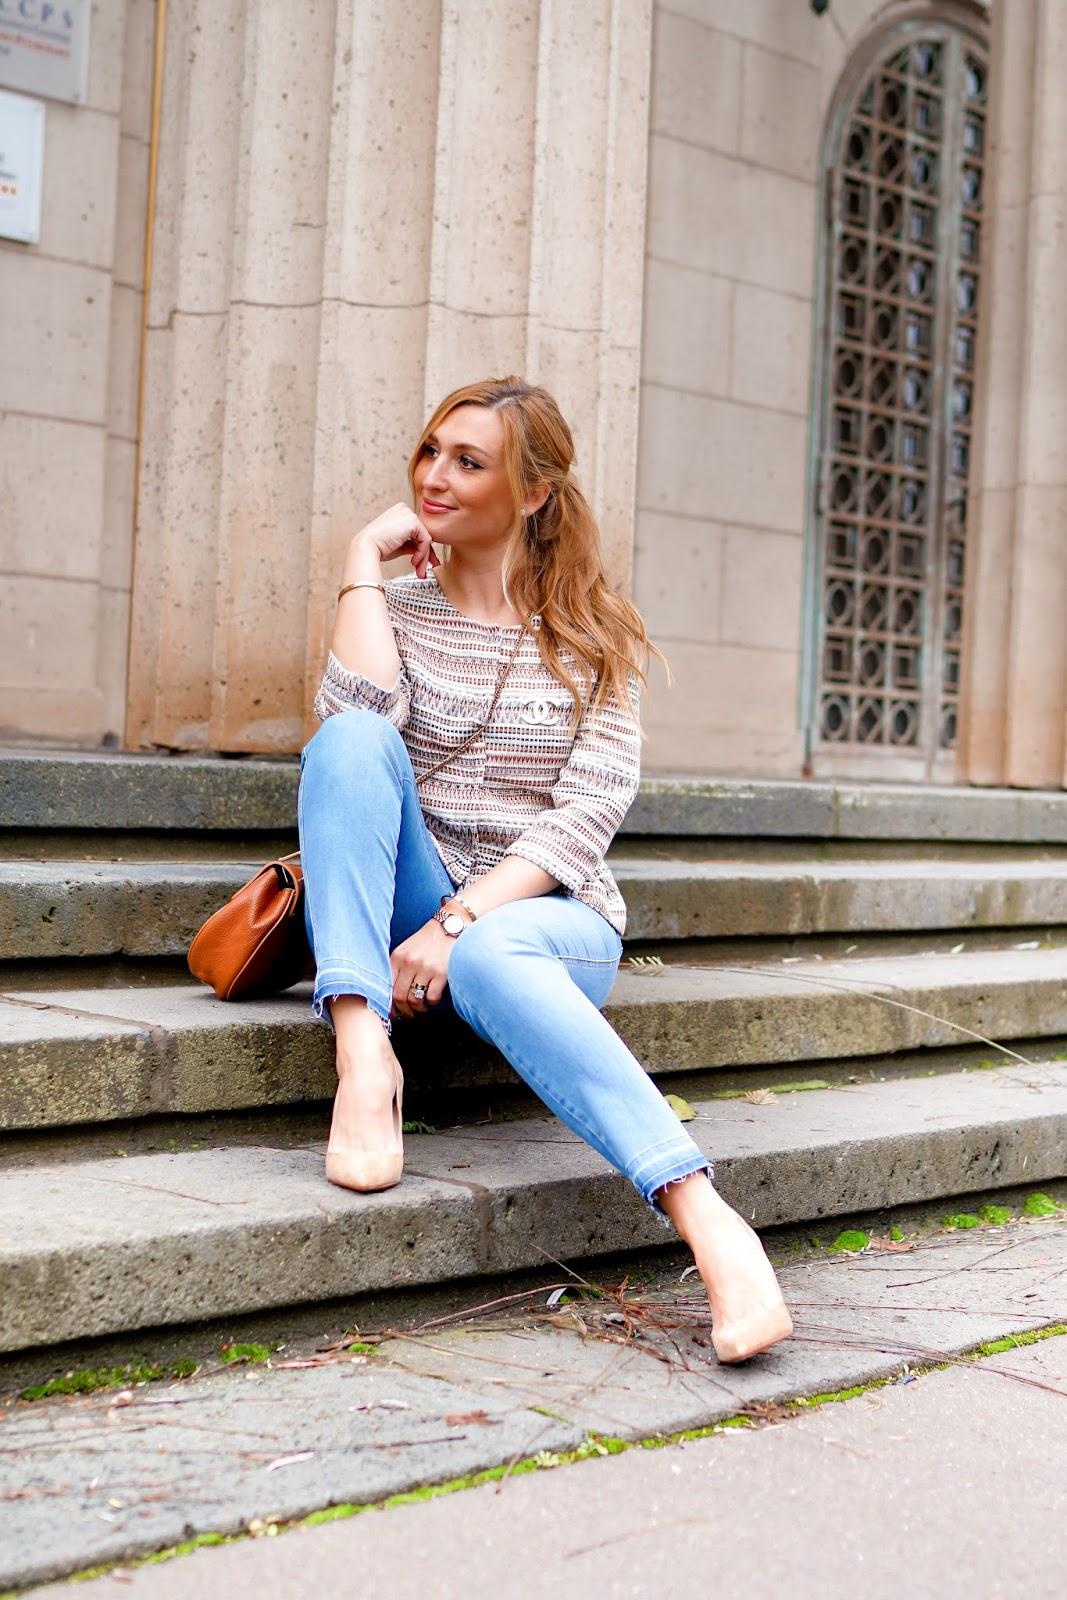 Fashionstylebyjohanna deutsche-fashionblogger-blogger-aus-deutschland